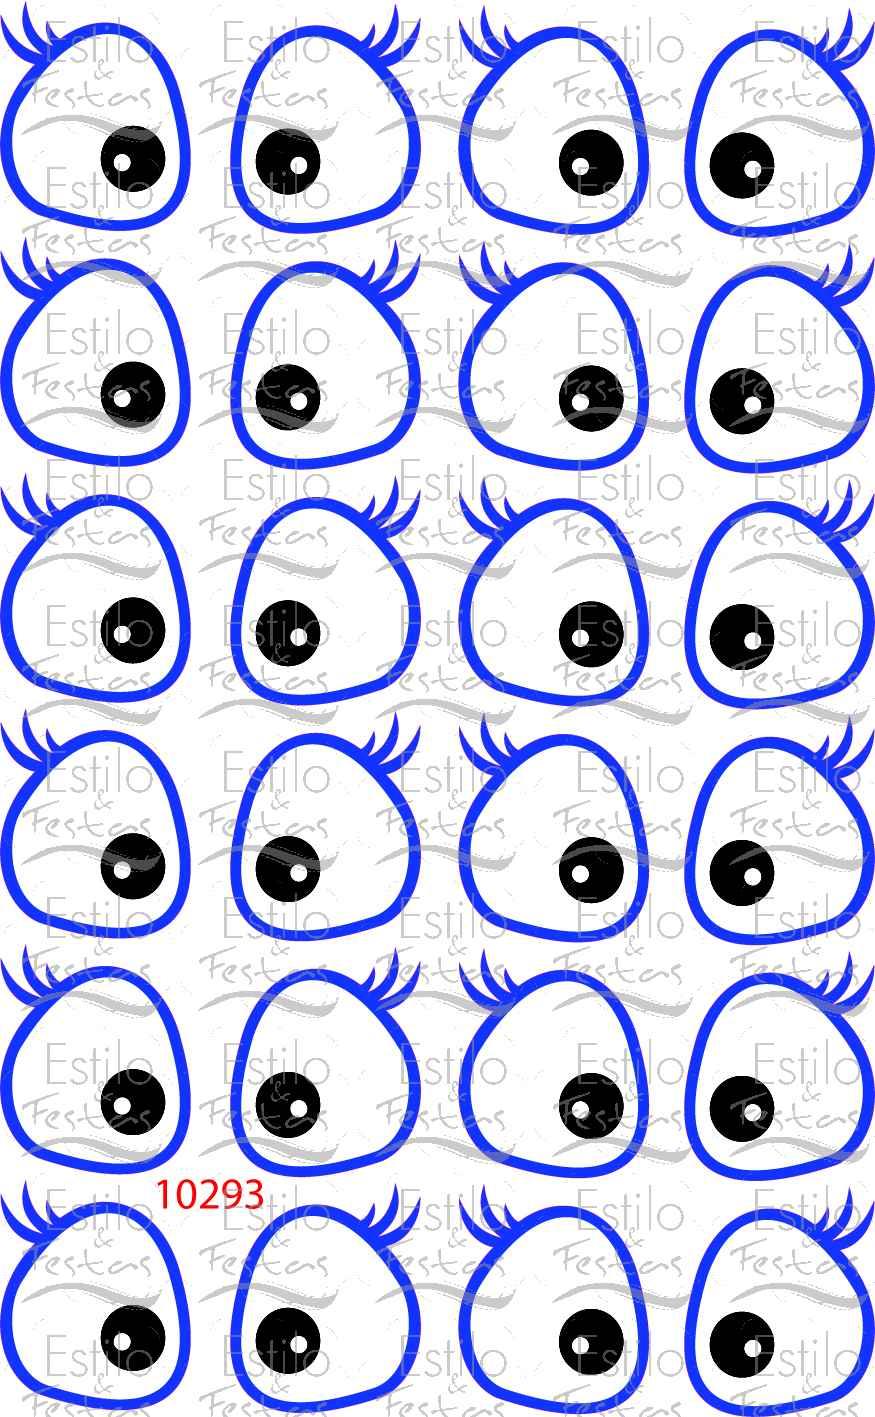 Como Fala Aparador Em Ingles ~ Adesivo para bal u00e3o Cartela com Olhos da Galinha Pintadinha Acessorios para Festas